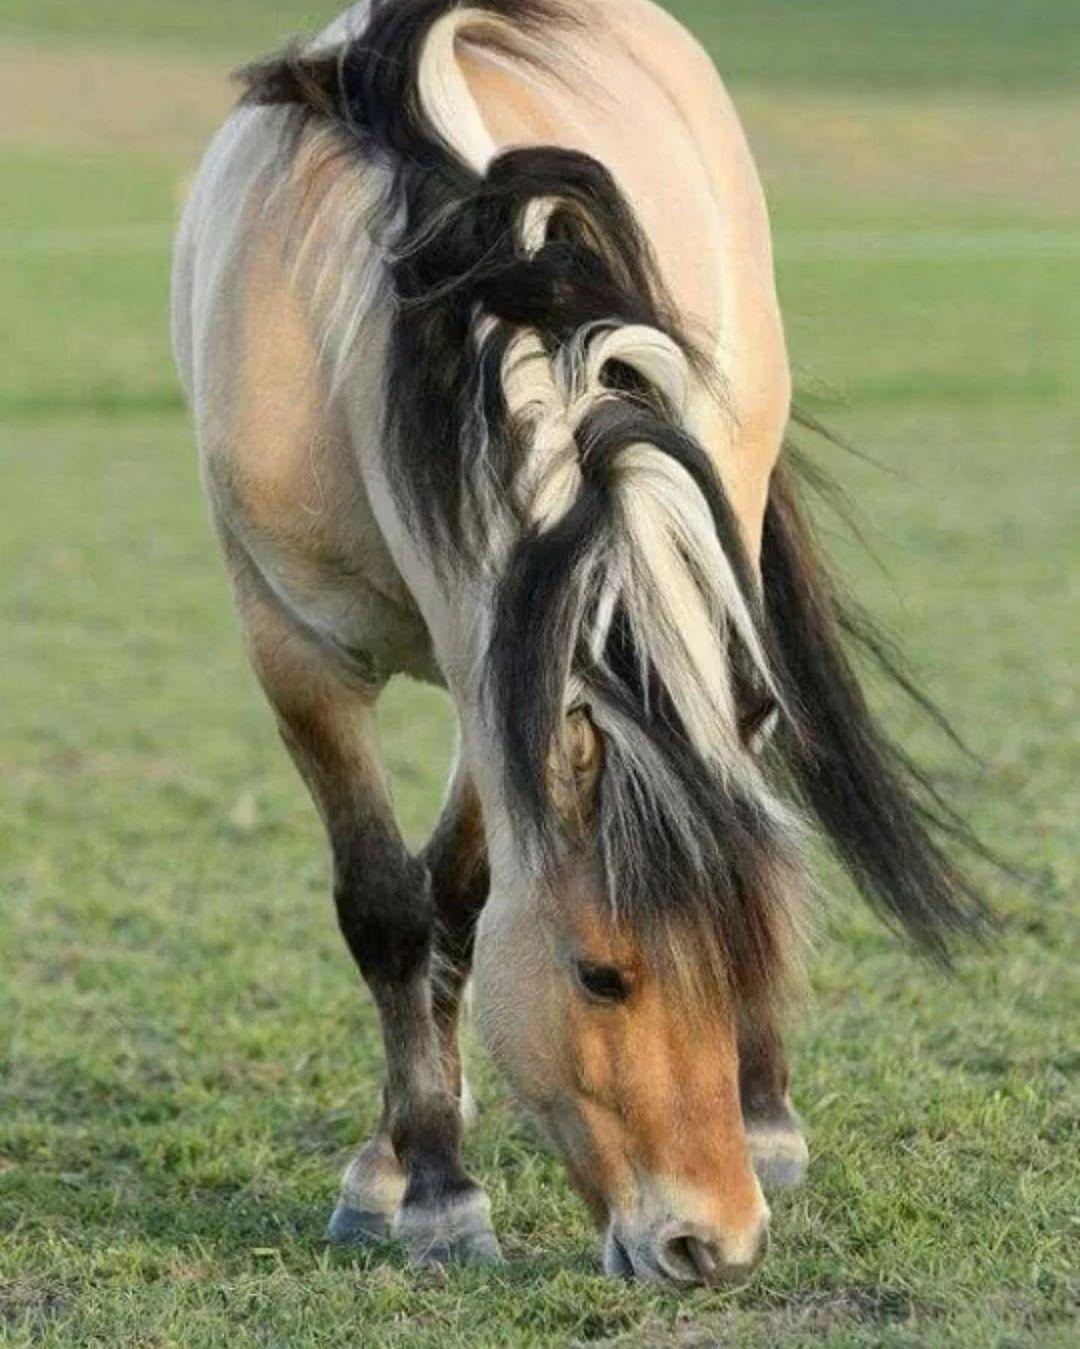 L Air Du Paradis Est Celui Qui Souffle Entre Les Oreilles D Un Cheval Horse Cheval Nature Horsephotography Cheval Fjord Chevaux Sauvages Beaux Chevaux